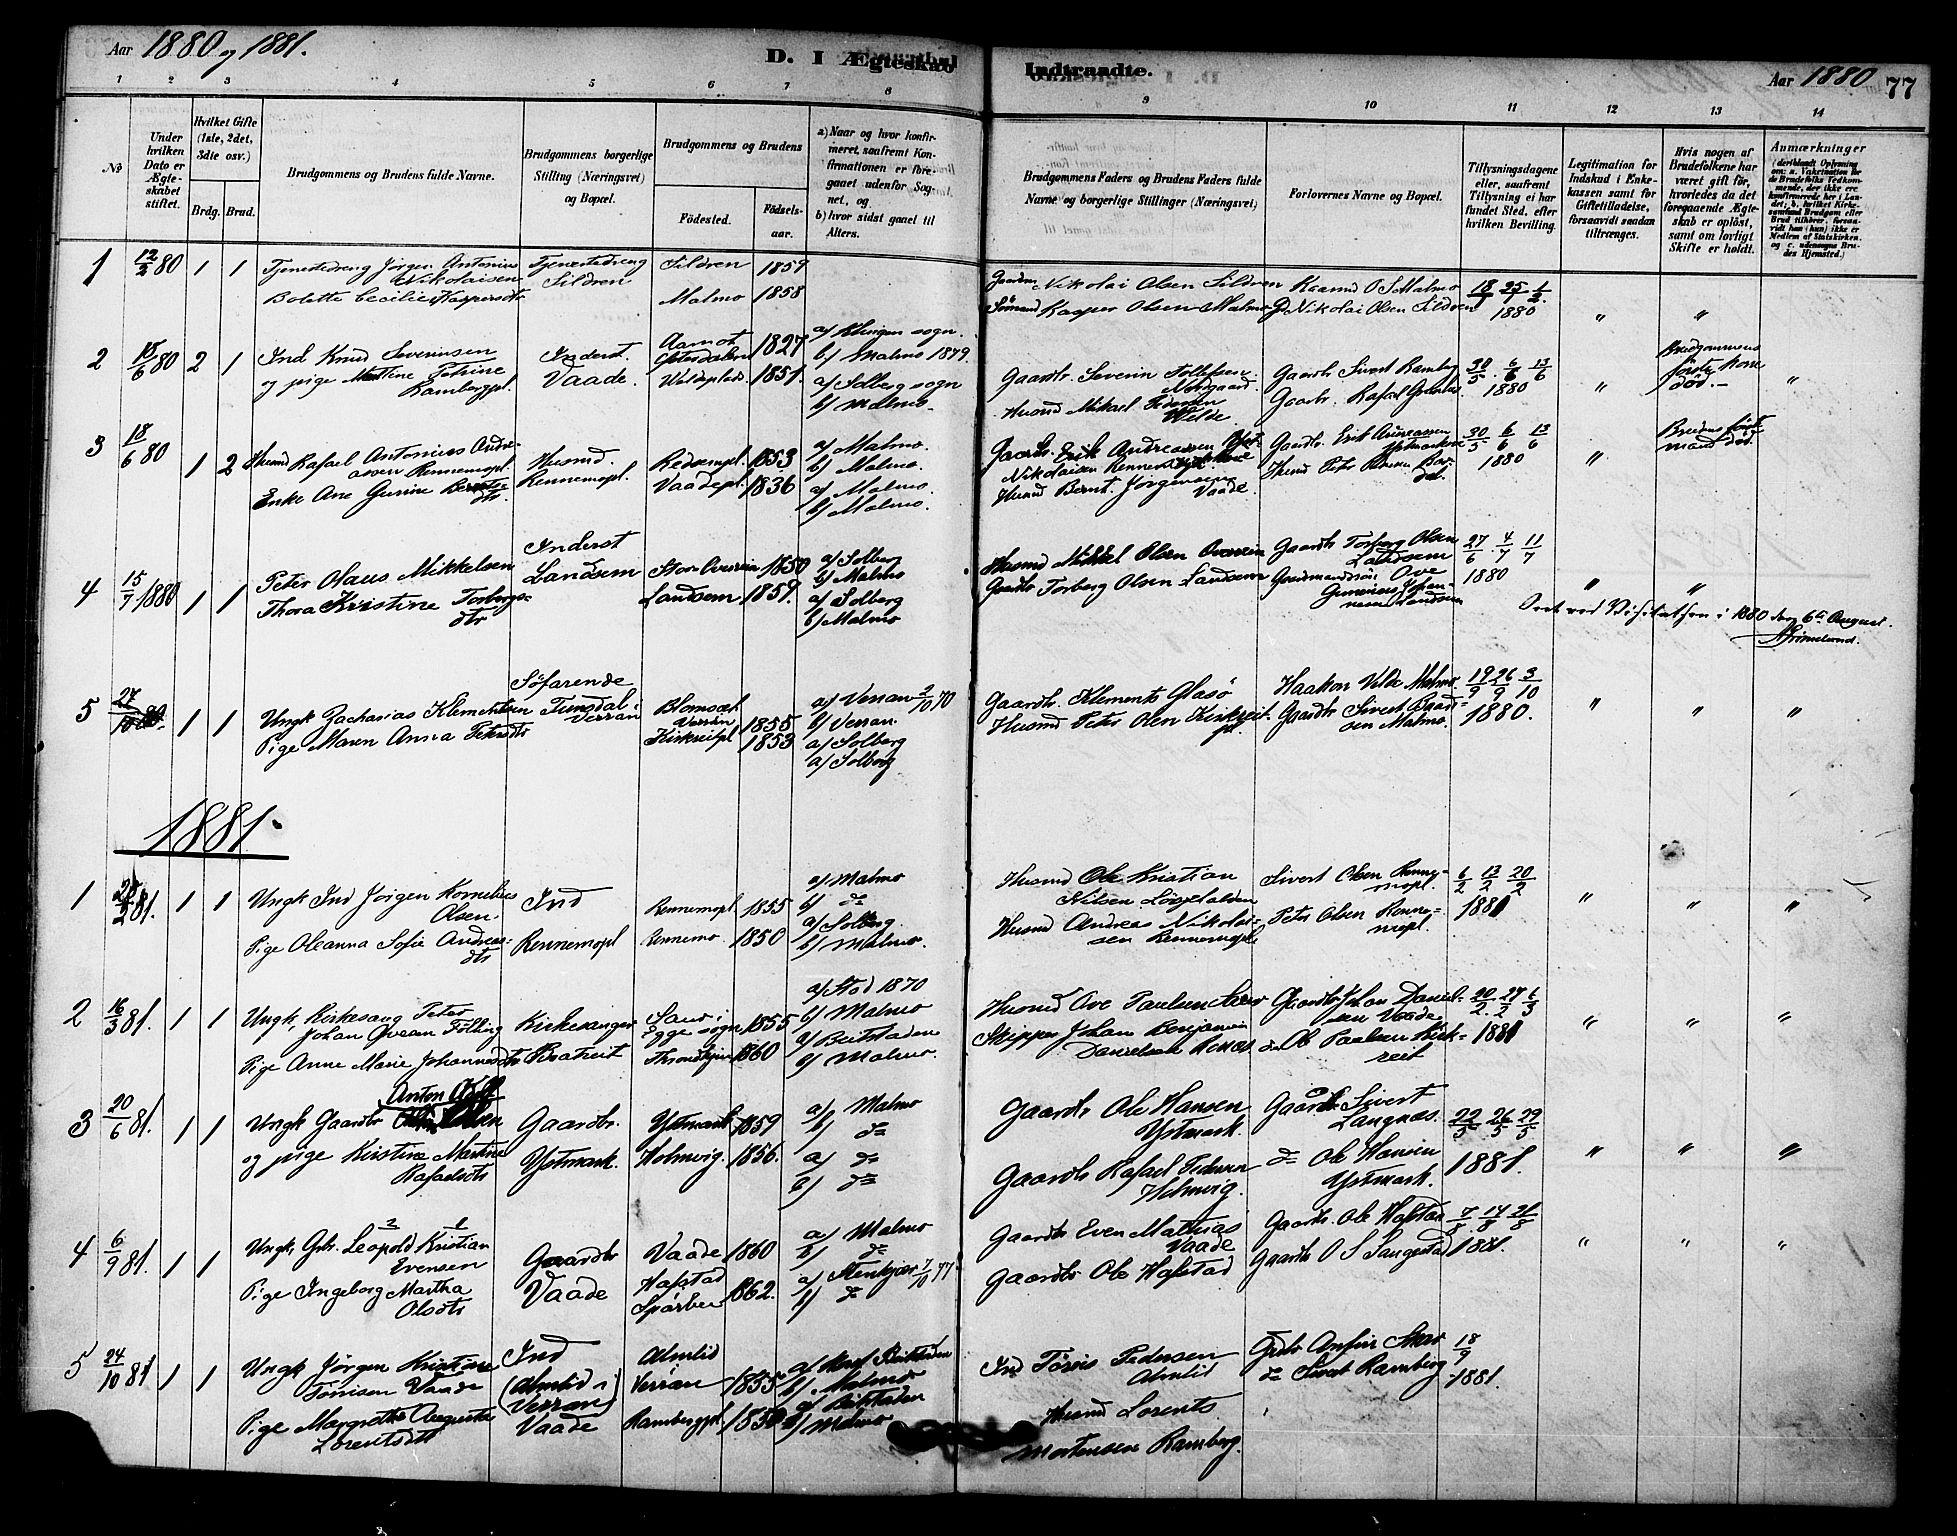 SAT, Ministerialprotokoller, klokkerbøker og fødselsregistre - Nord-Trøndelag, 745/L0429: Ministerialbok nr. 745A01, 1878-1894, s. 77